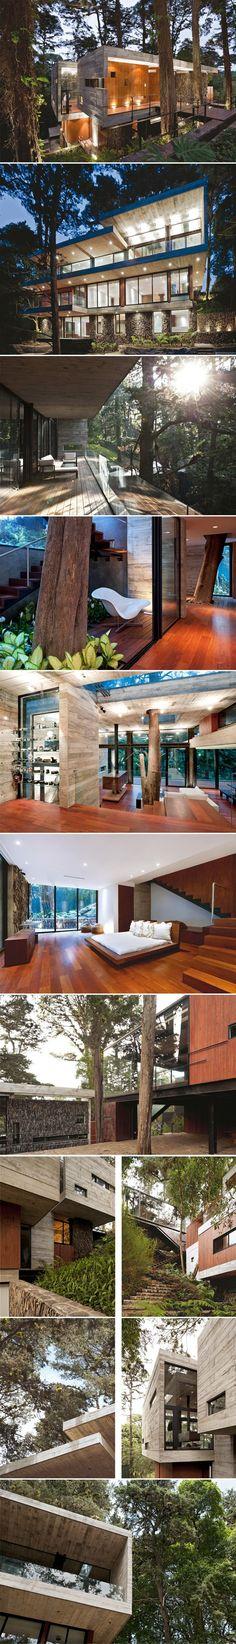 Maison dans les arbres / Via Lejardindeclaire